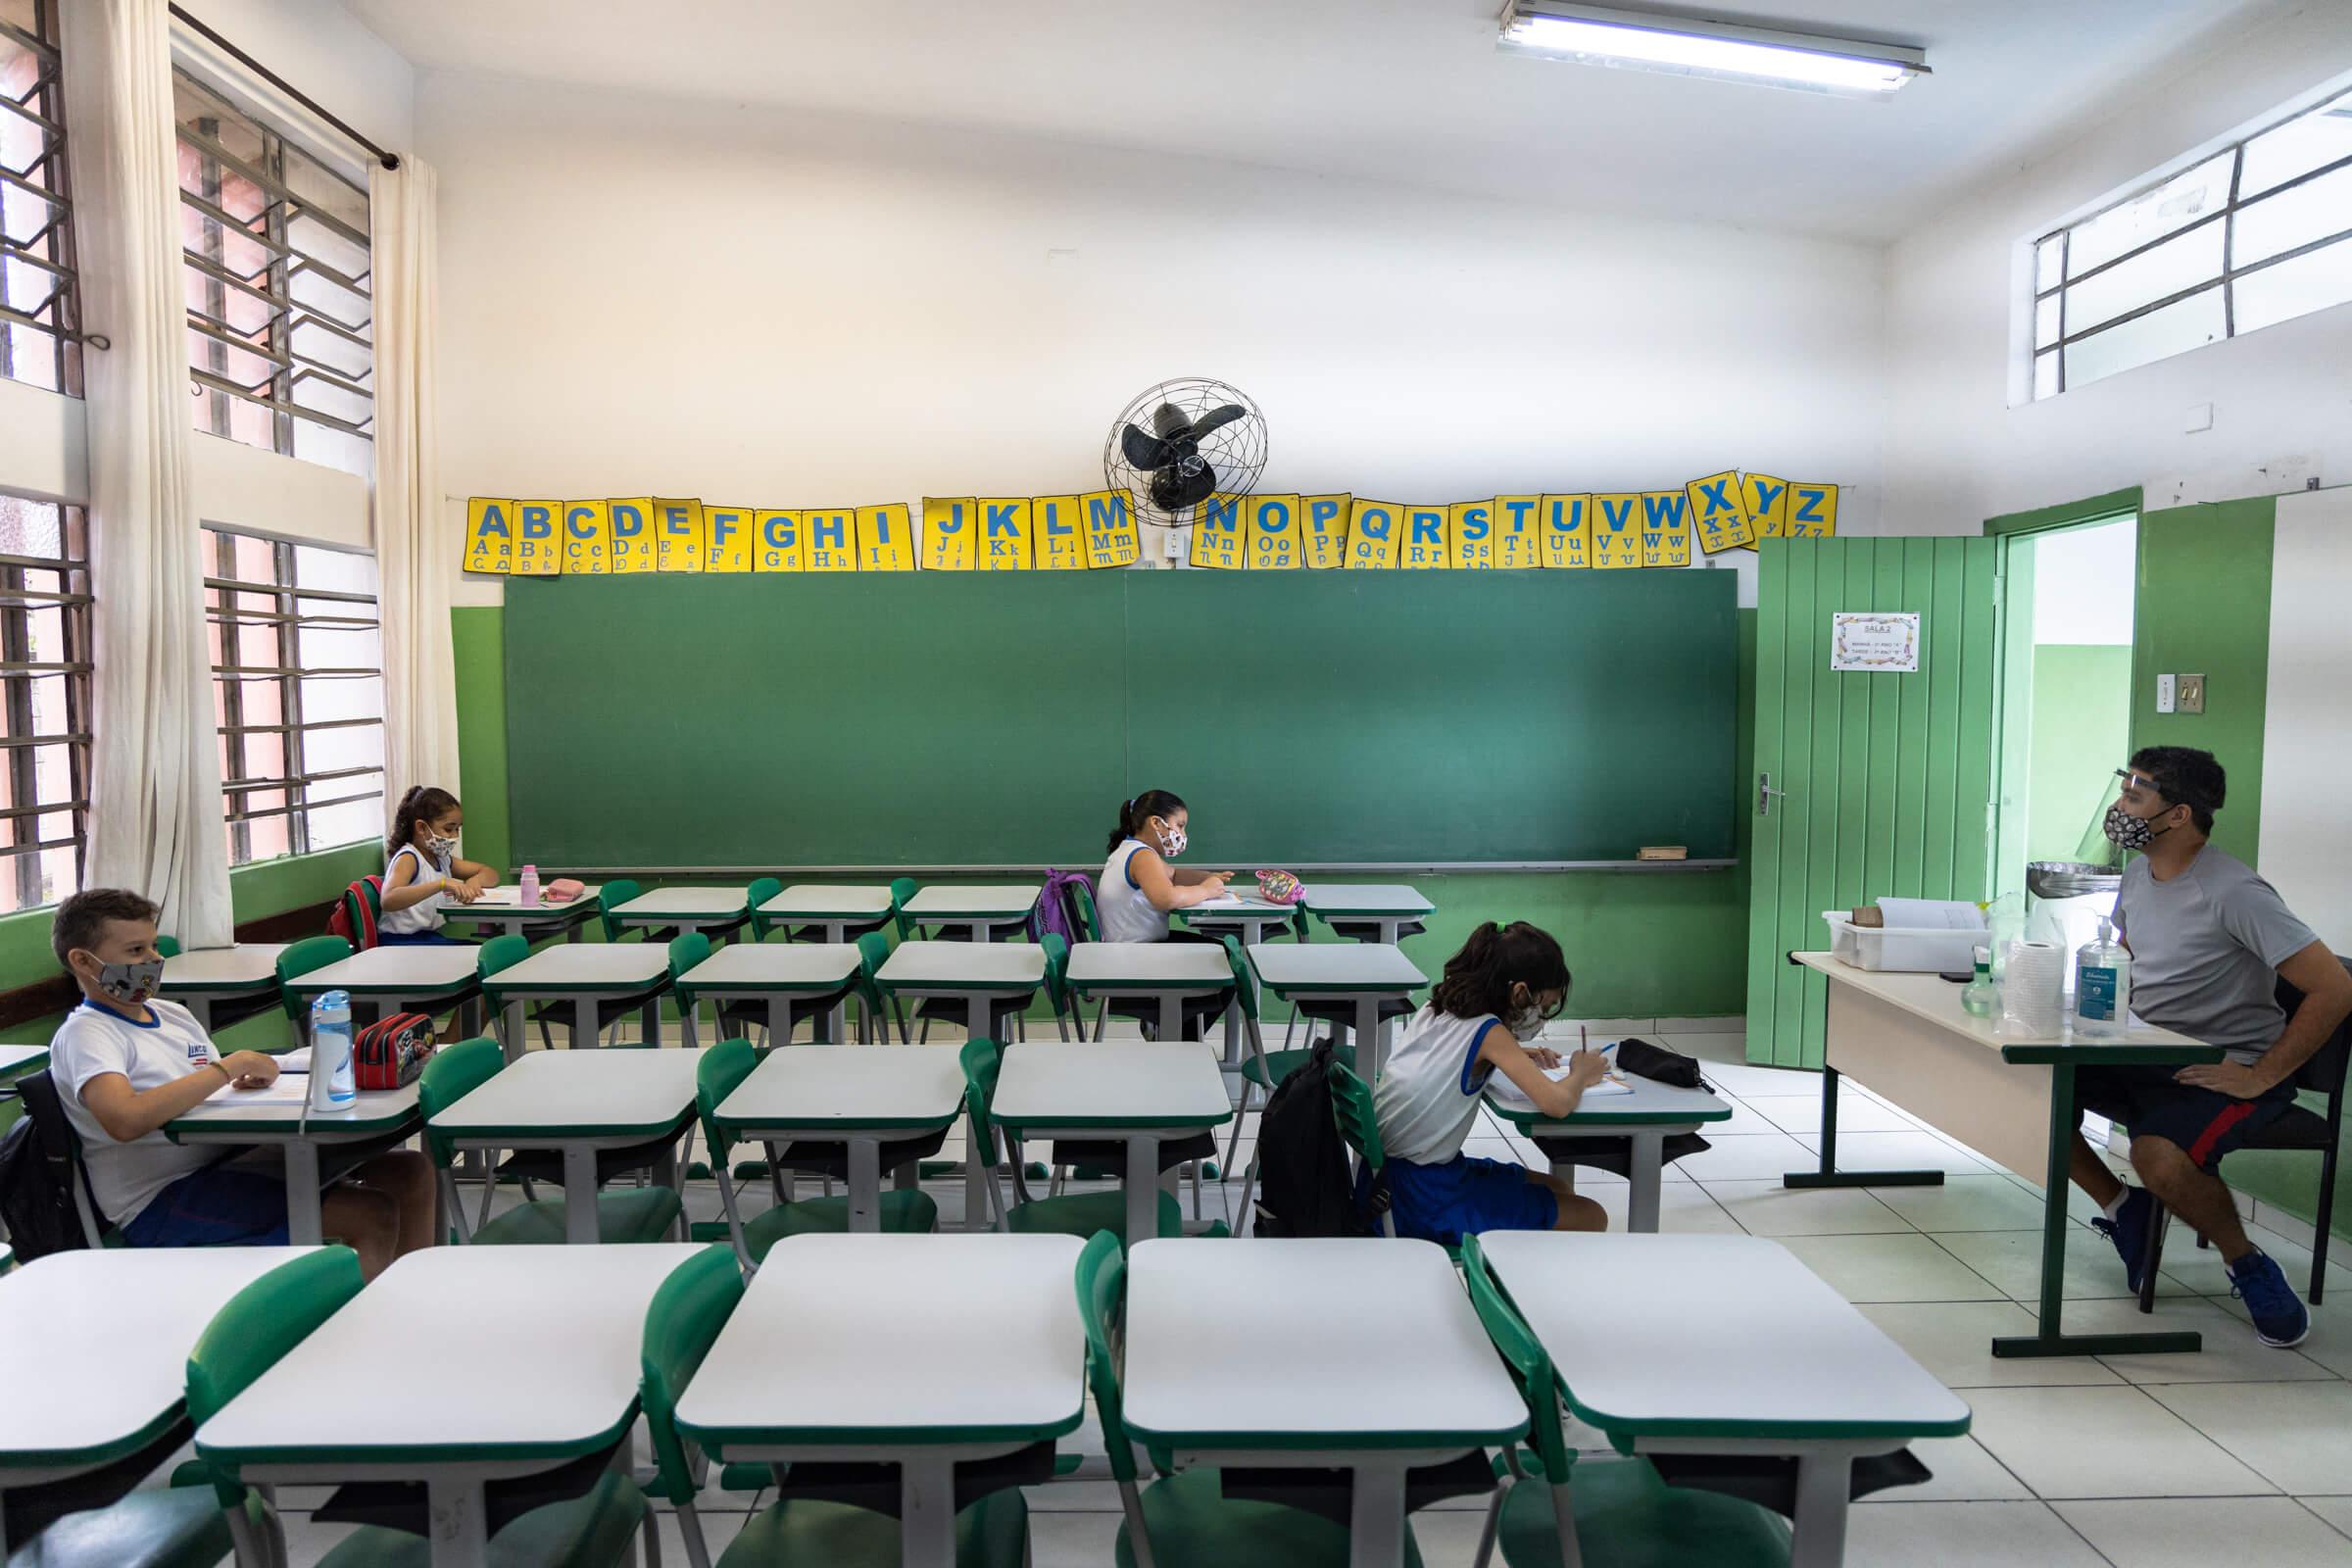 Países privilegiam avaliações educacionais mesmo na pandemia